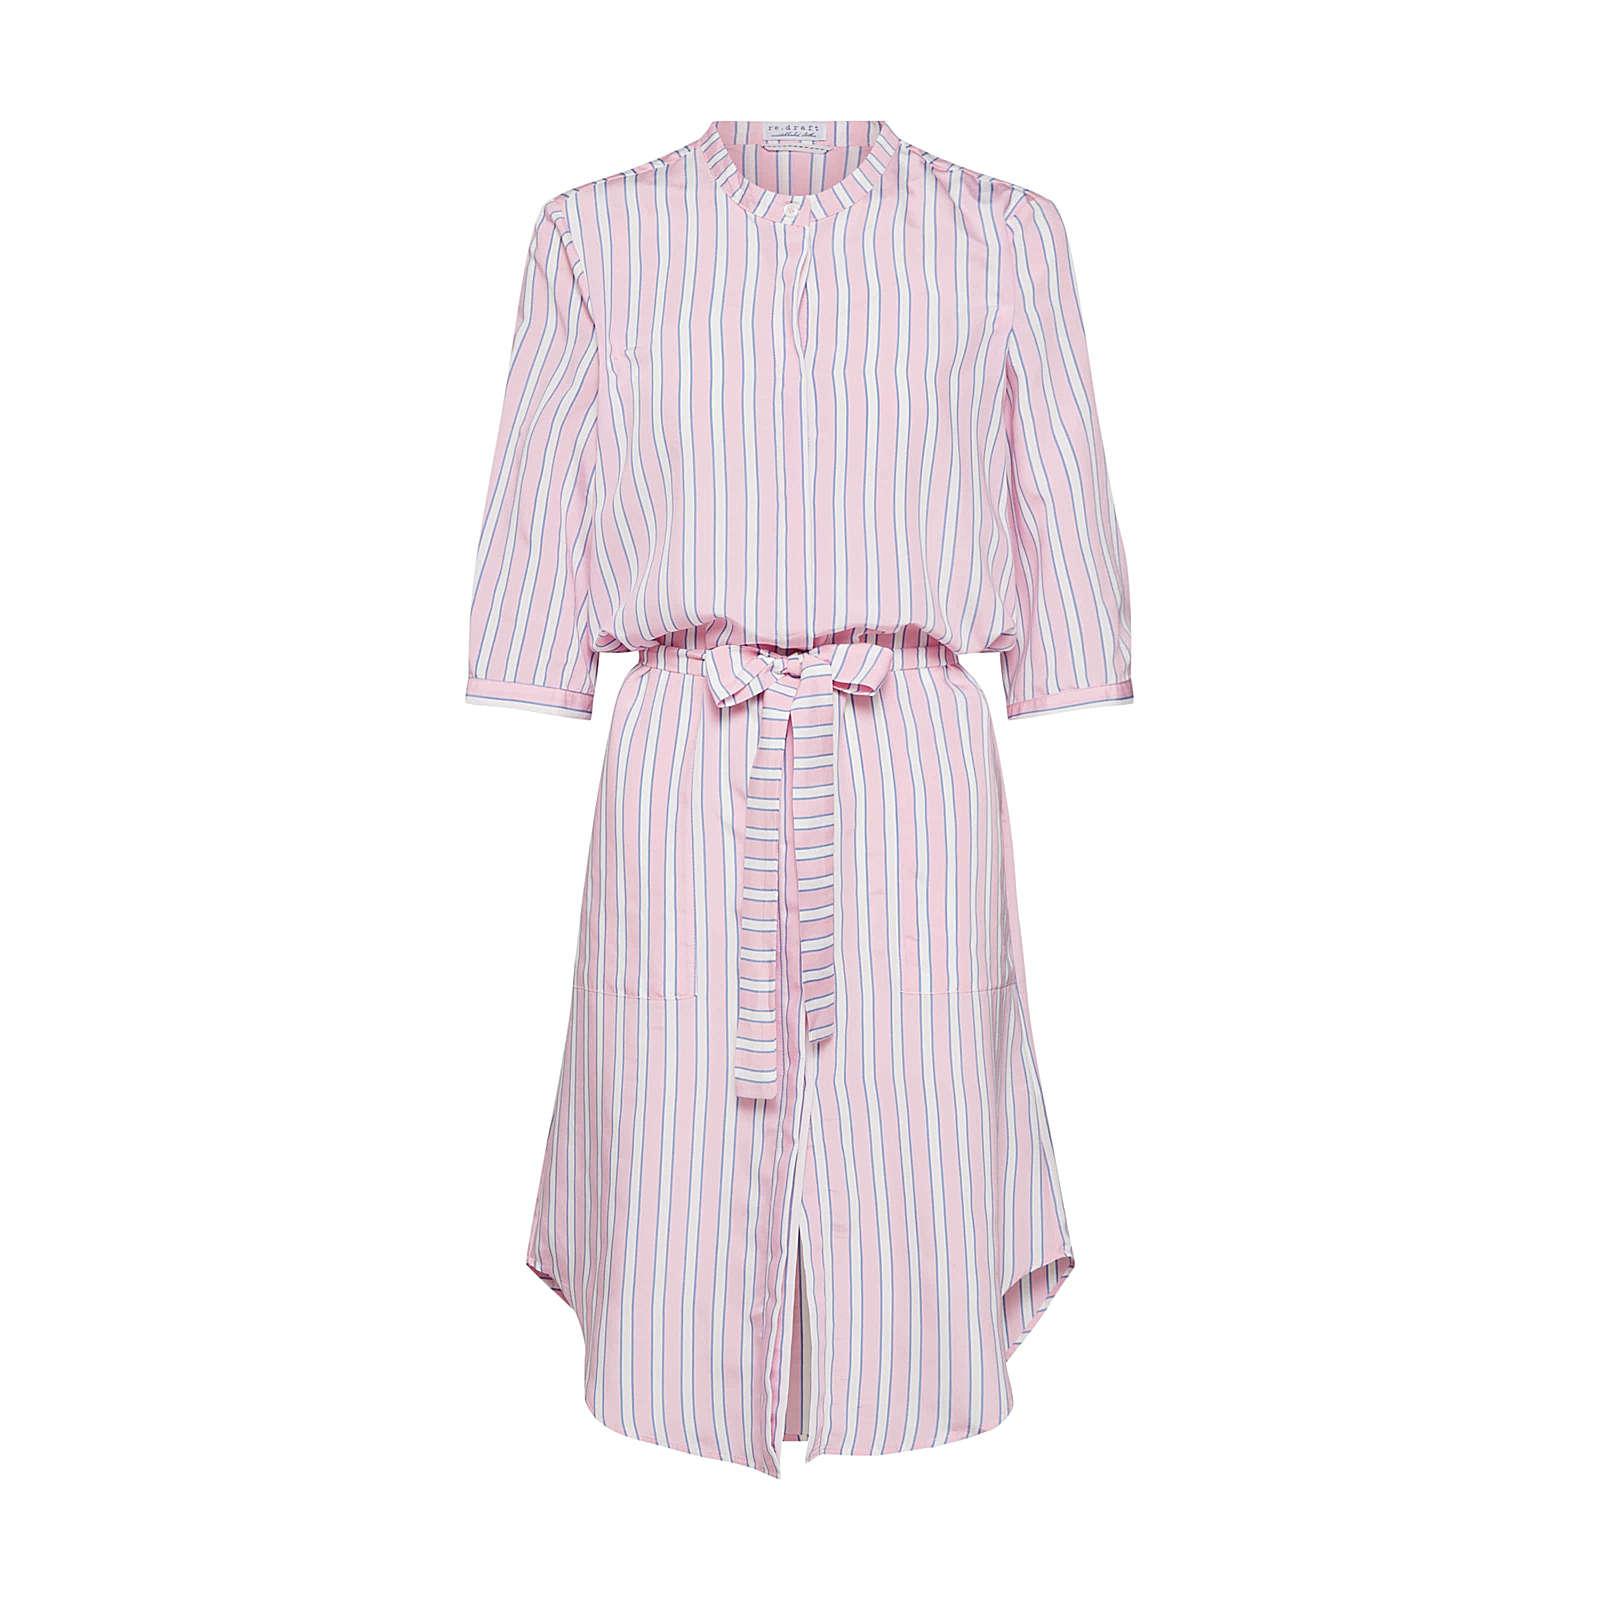 re.draft Blusenkleid Blusenkleider rosa Damen Gr. 40